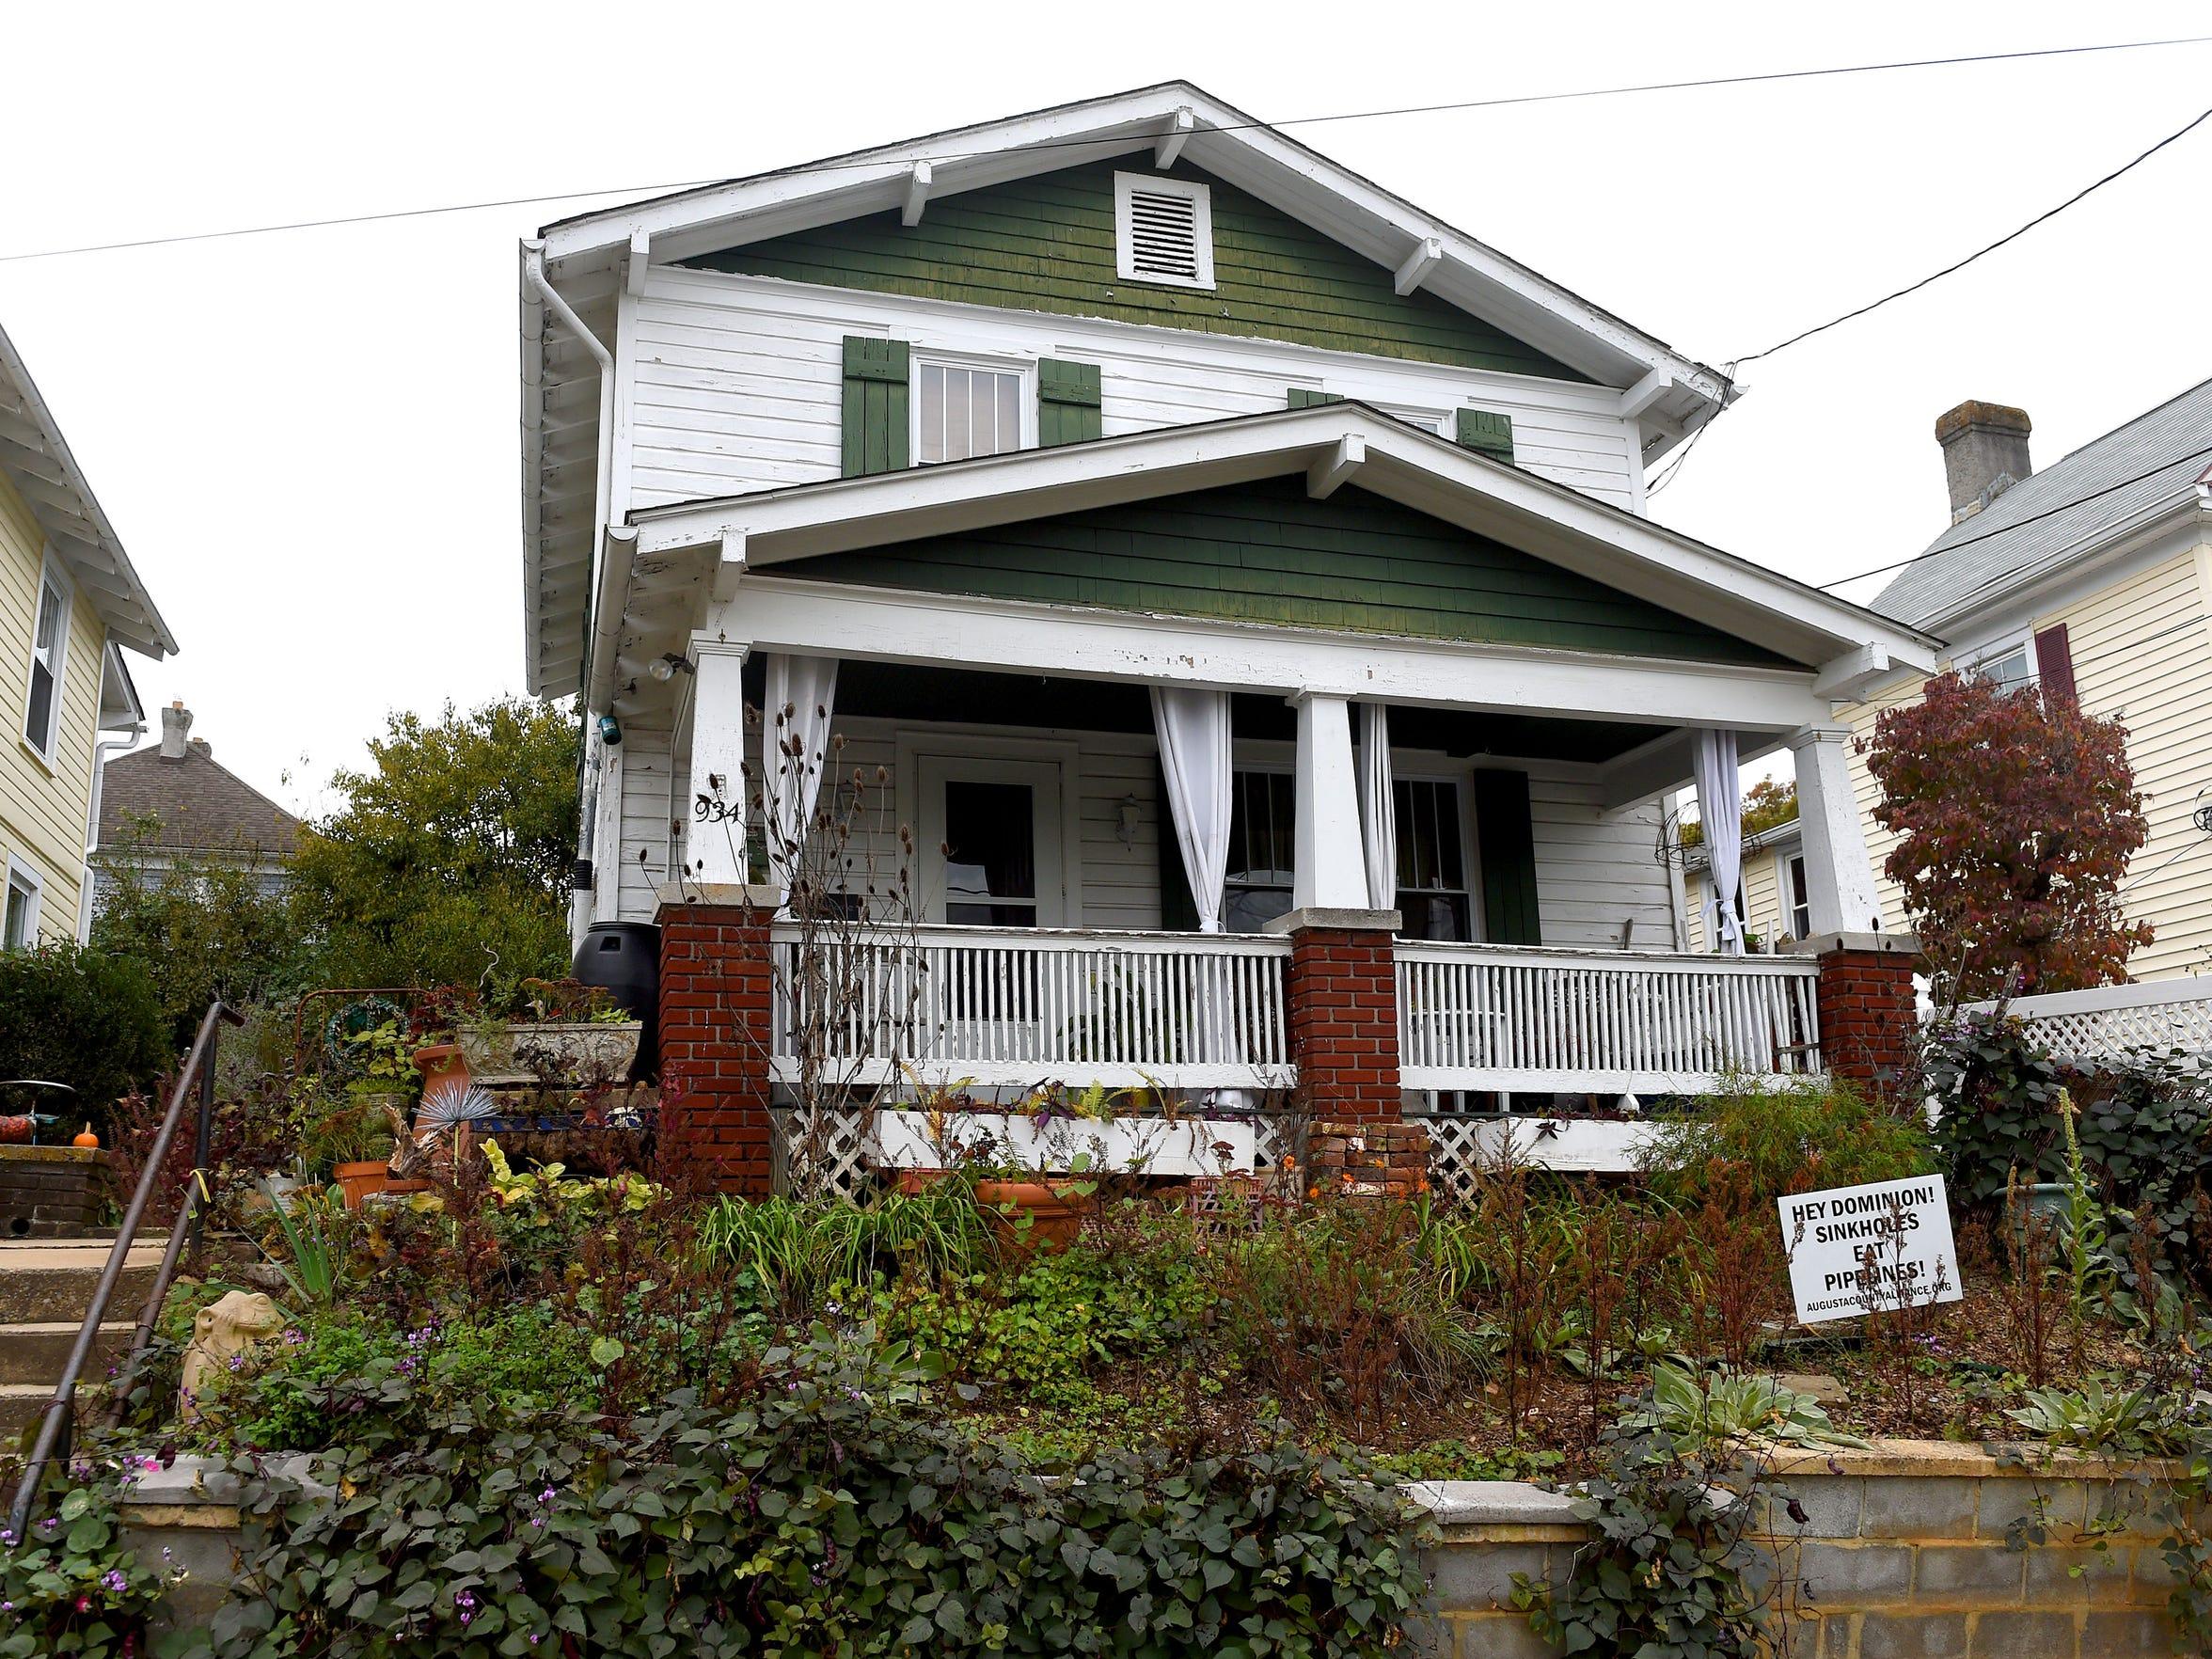 Henri Bowman's home where she hosts visitors to Staunton